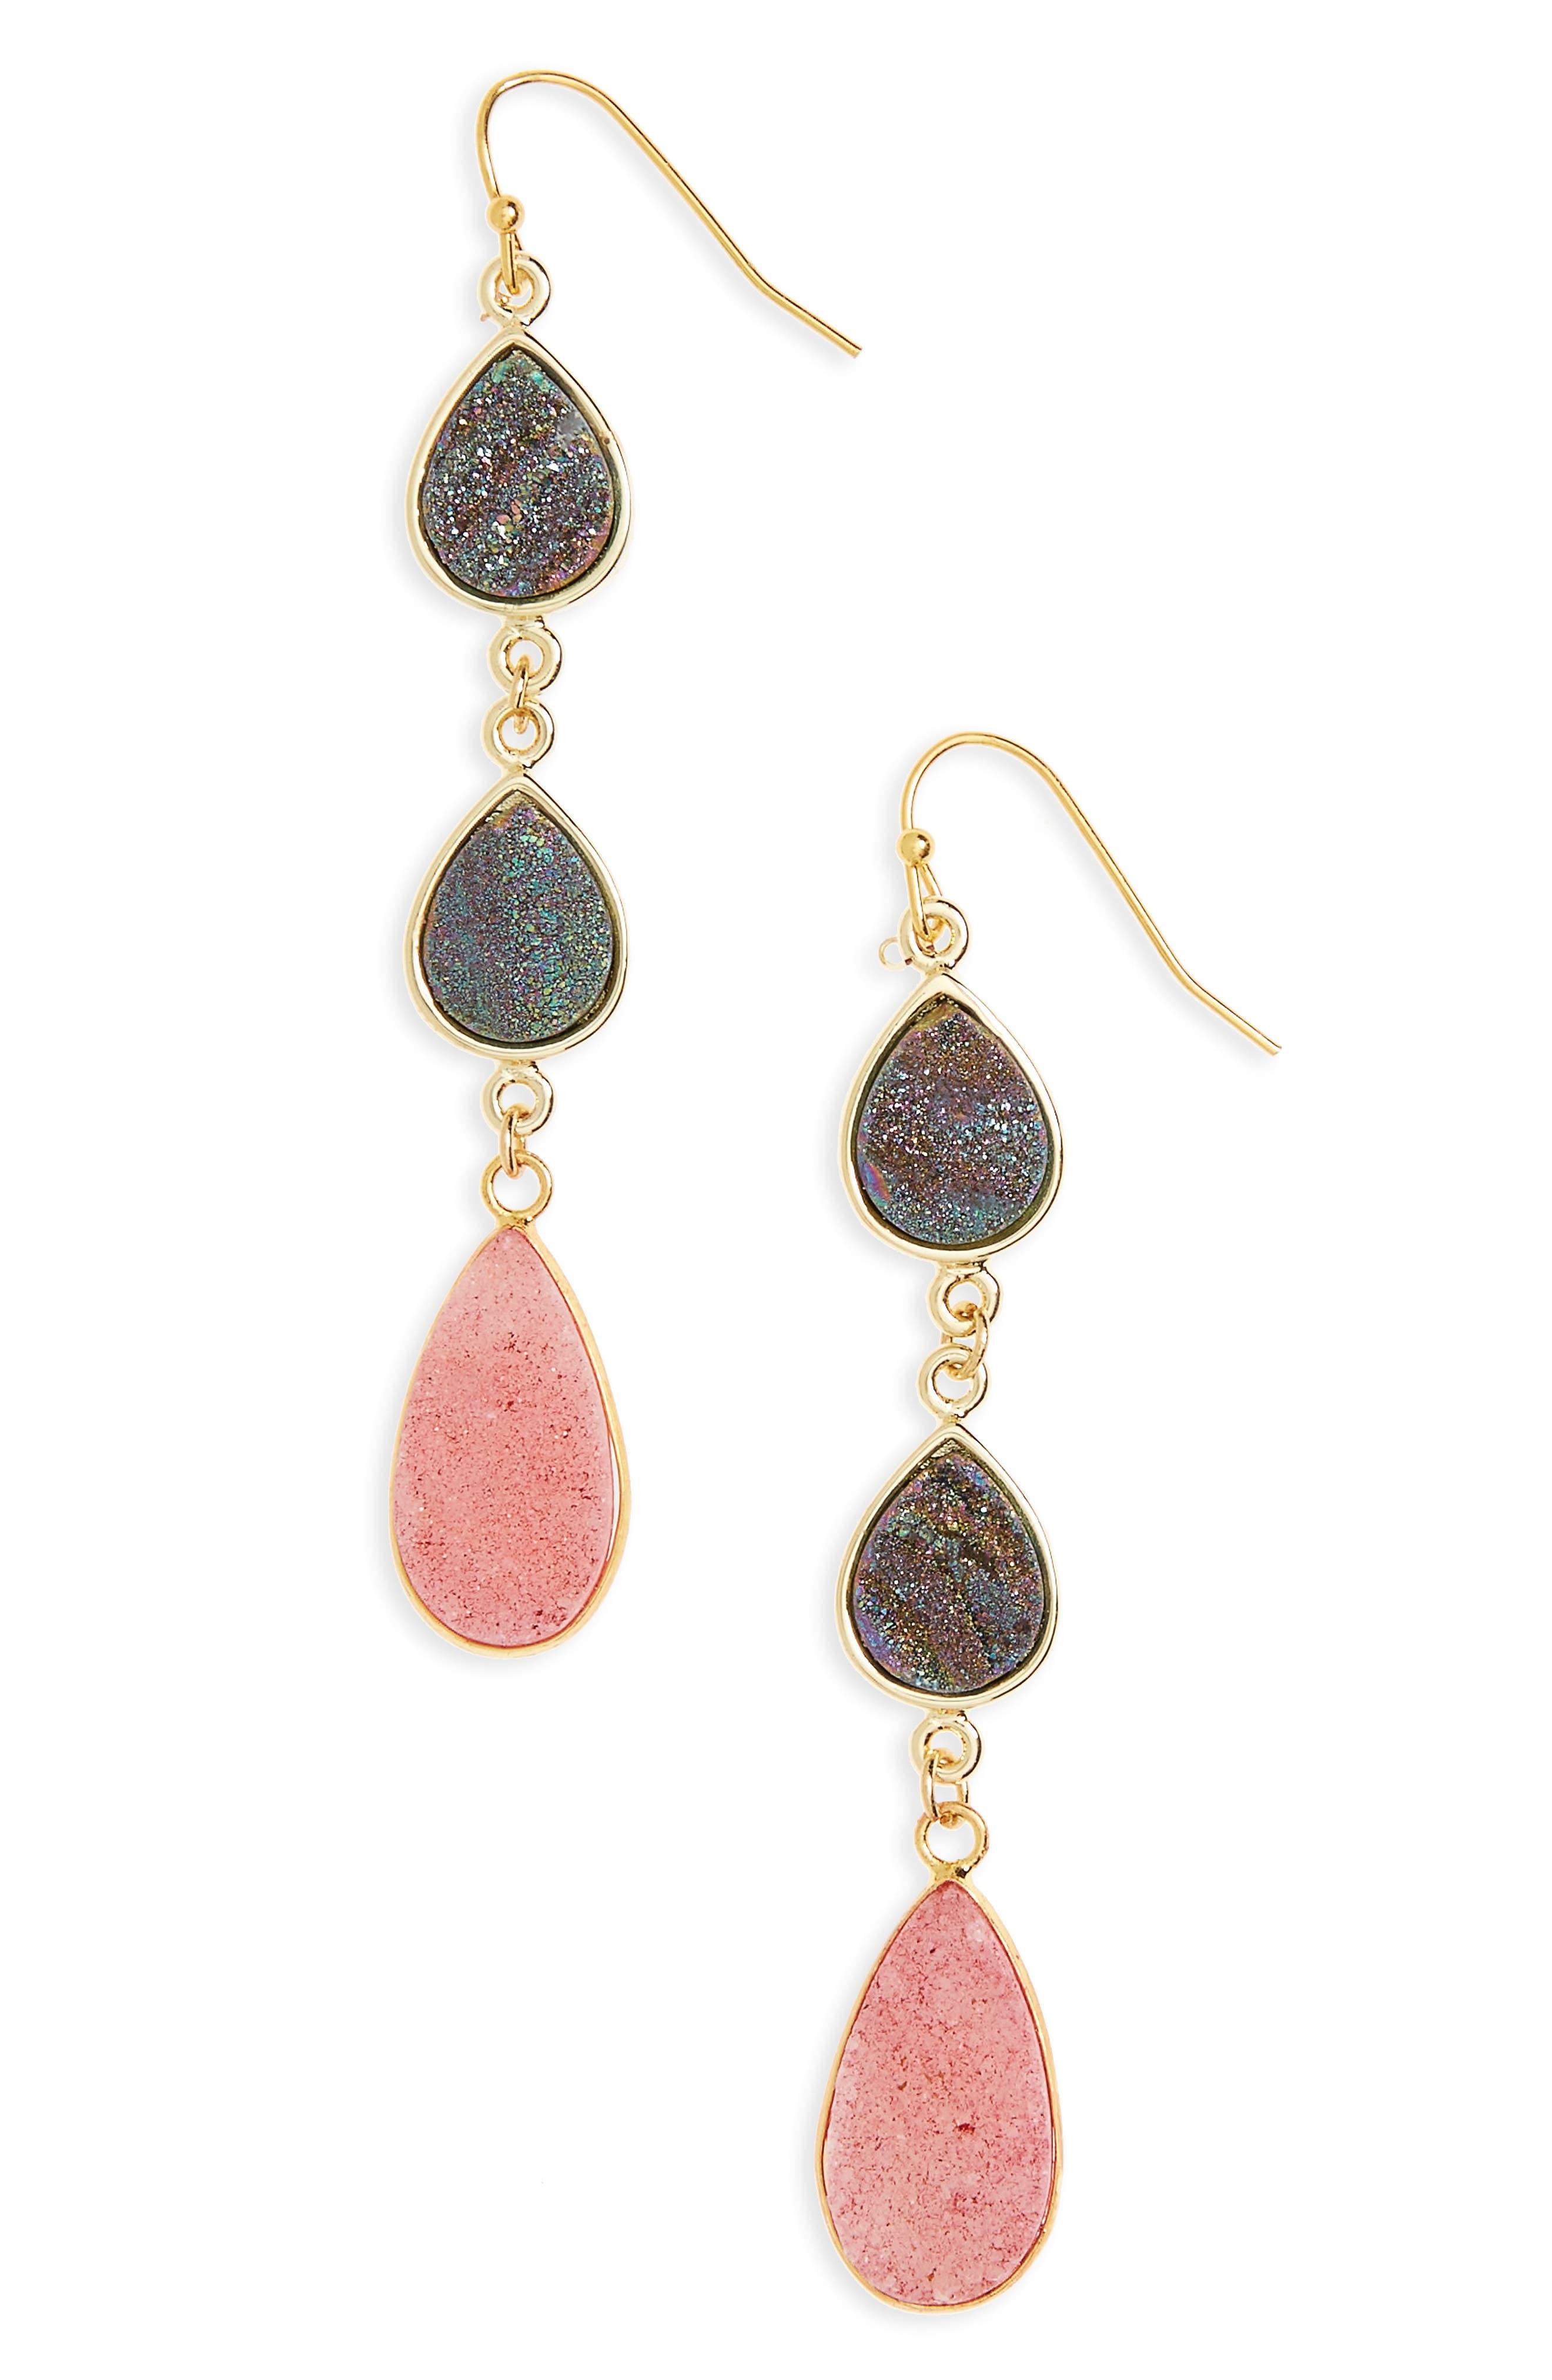 PANACEA Drusy Linear Earrings